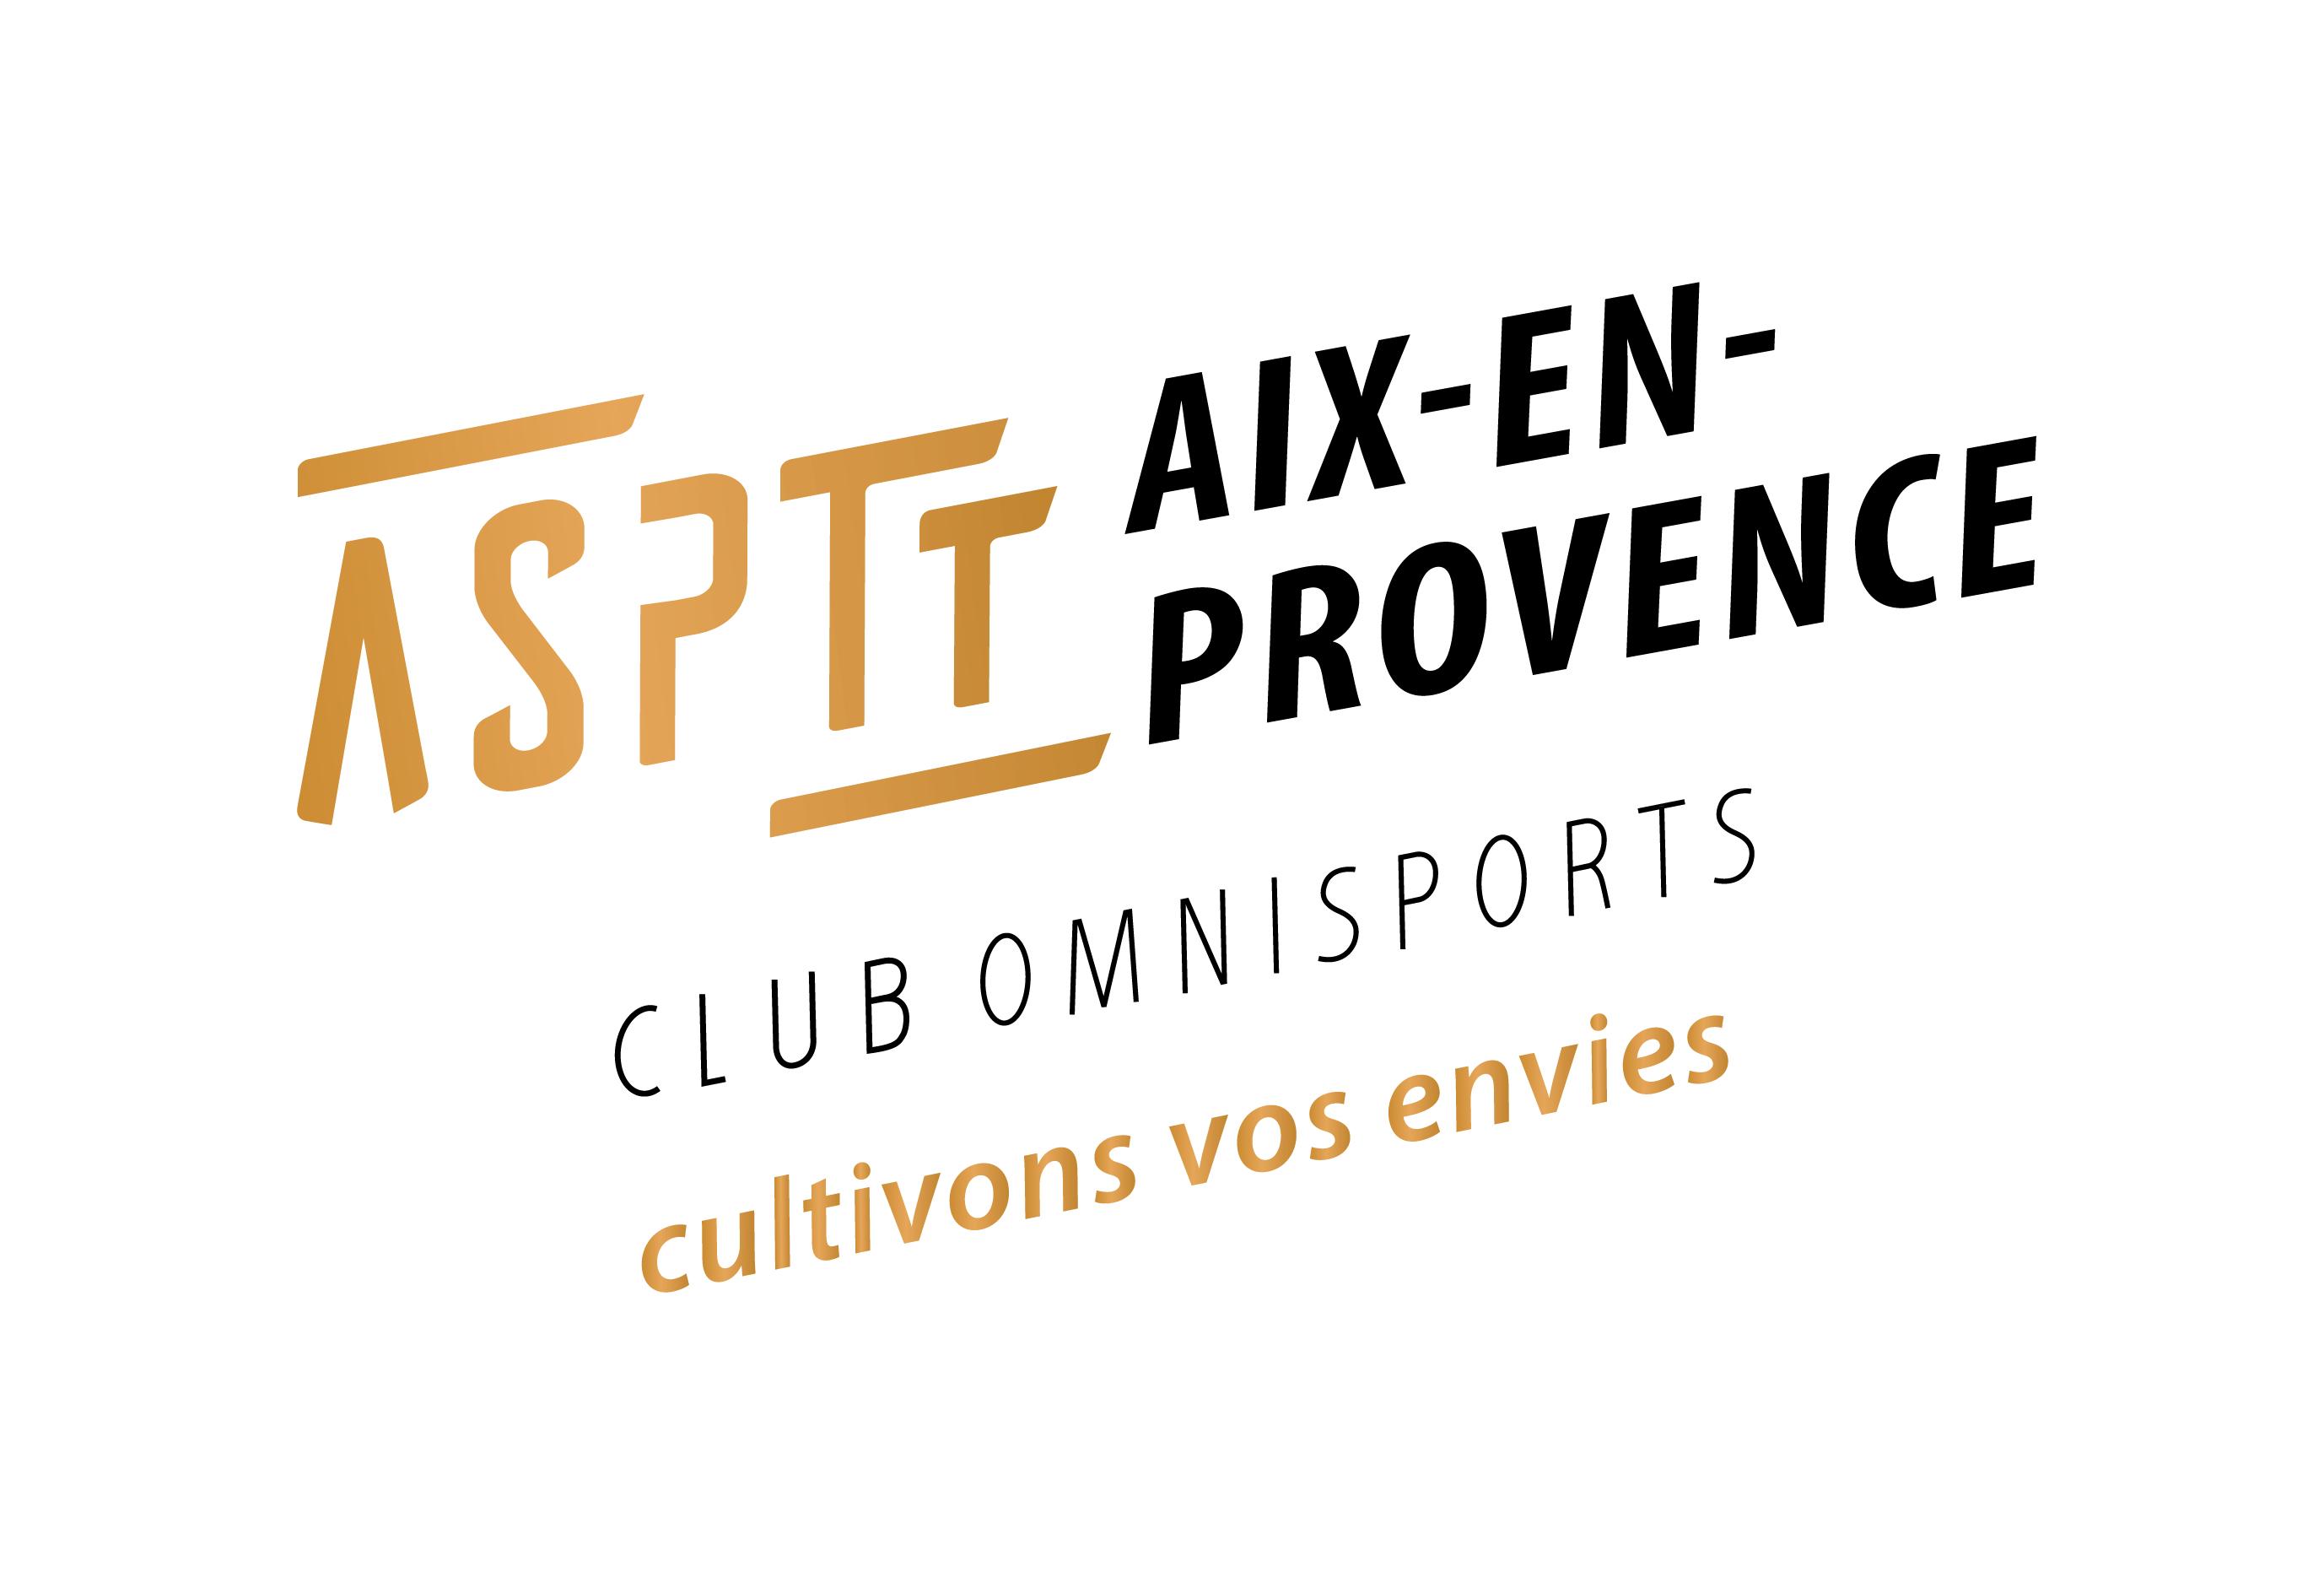 1 Club, 14 Activités